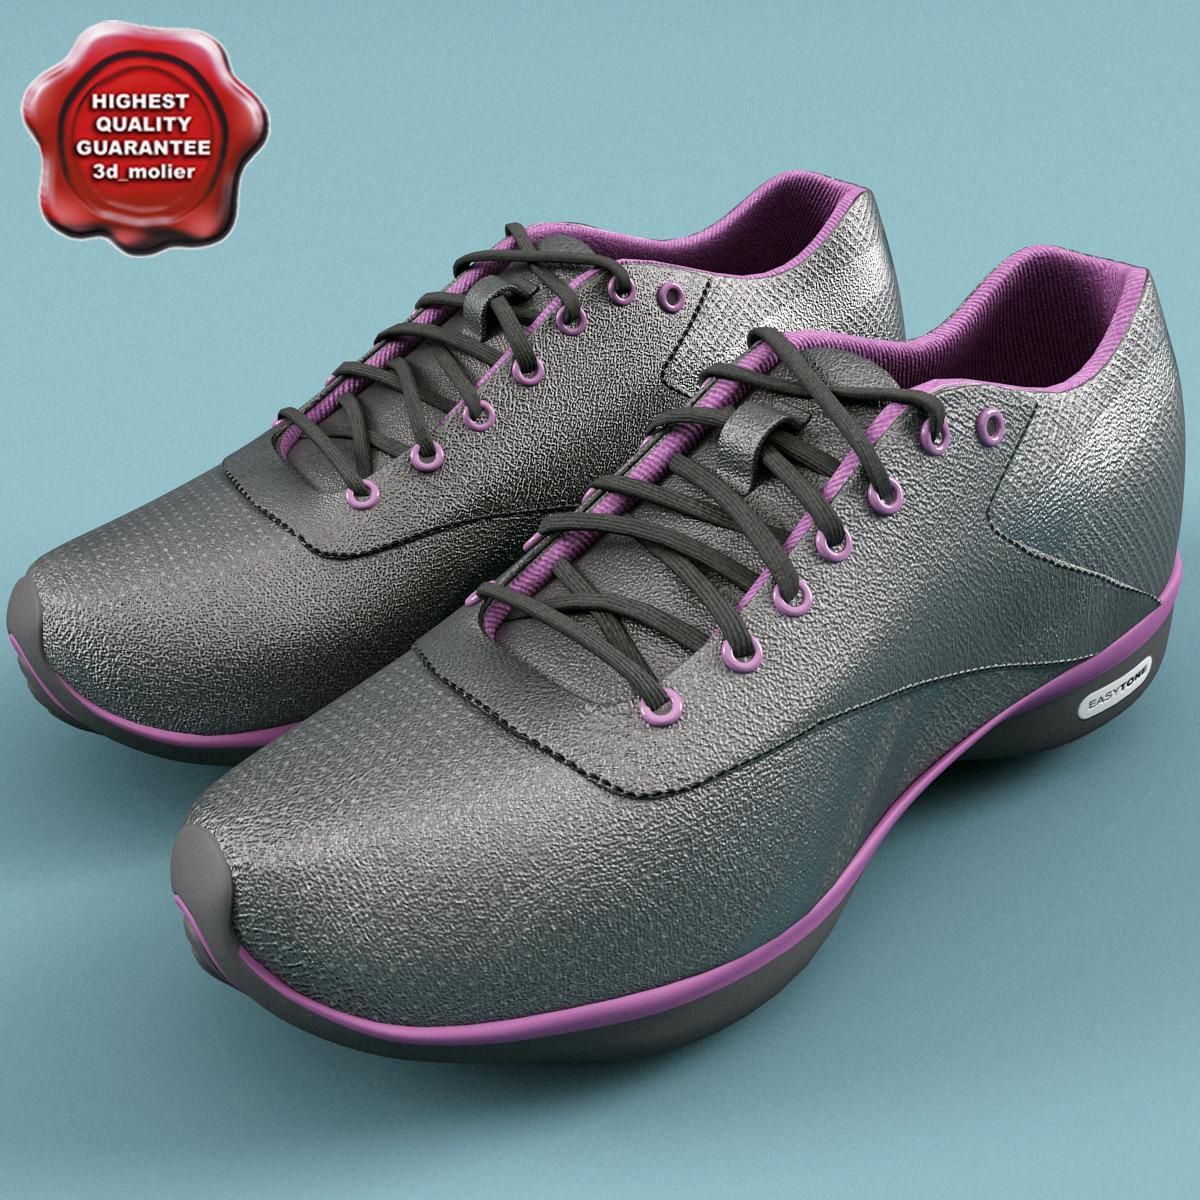 Sneakers_Reebok_Easytone_00.jpg